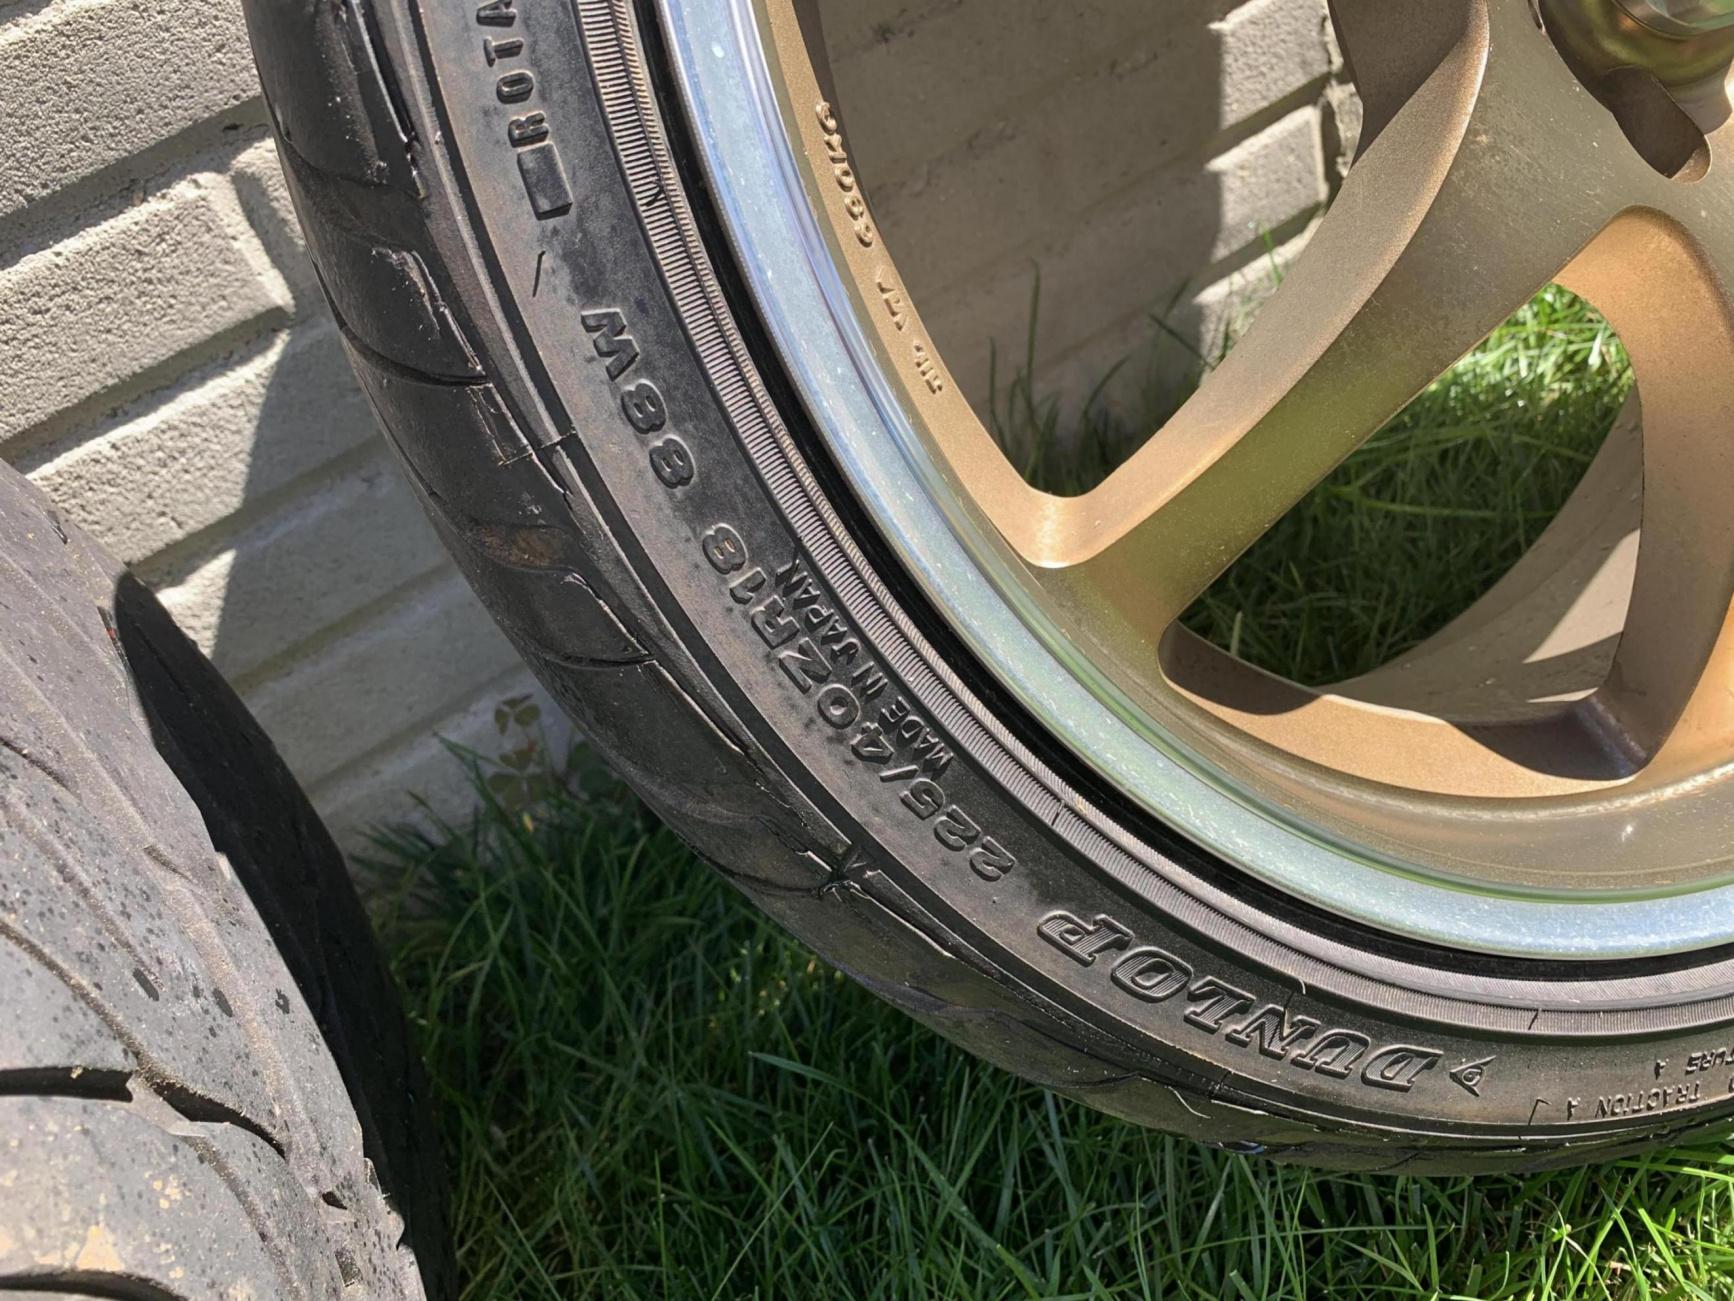 18 inch konig next copper wheels - Ford Focus Forum, Ford